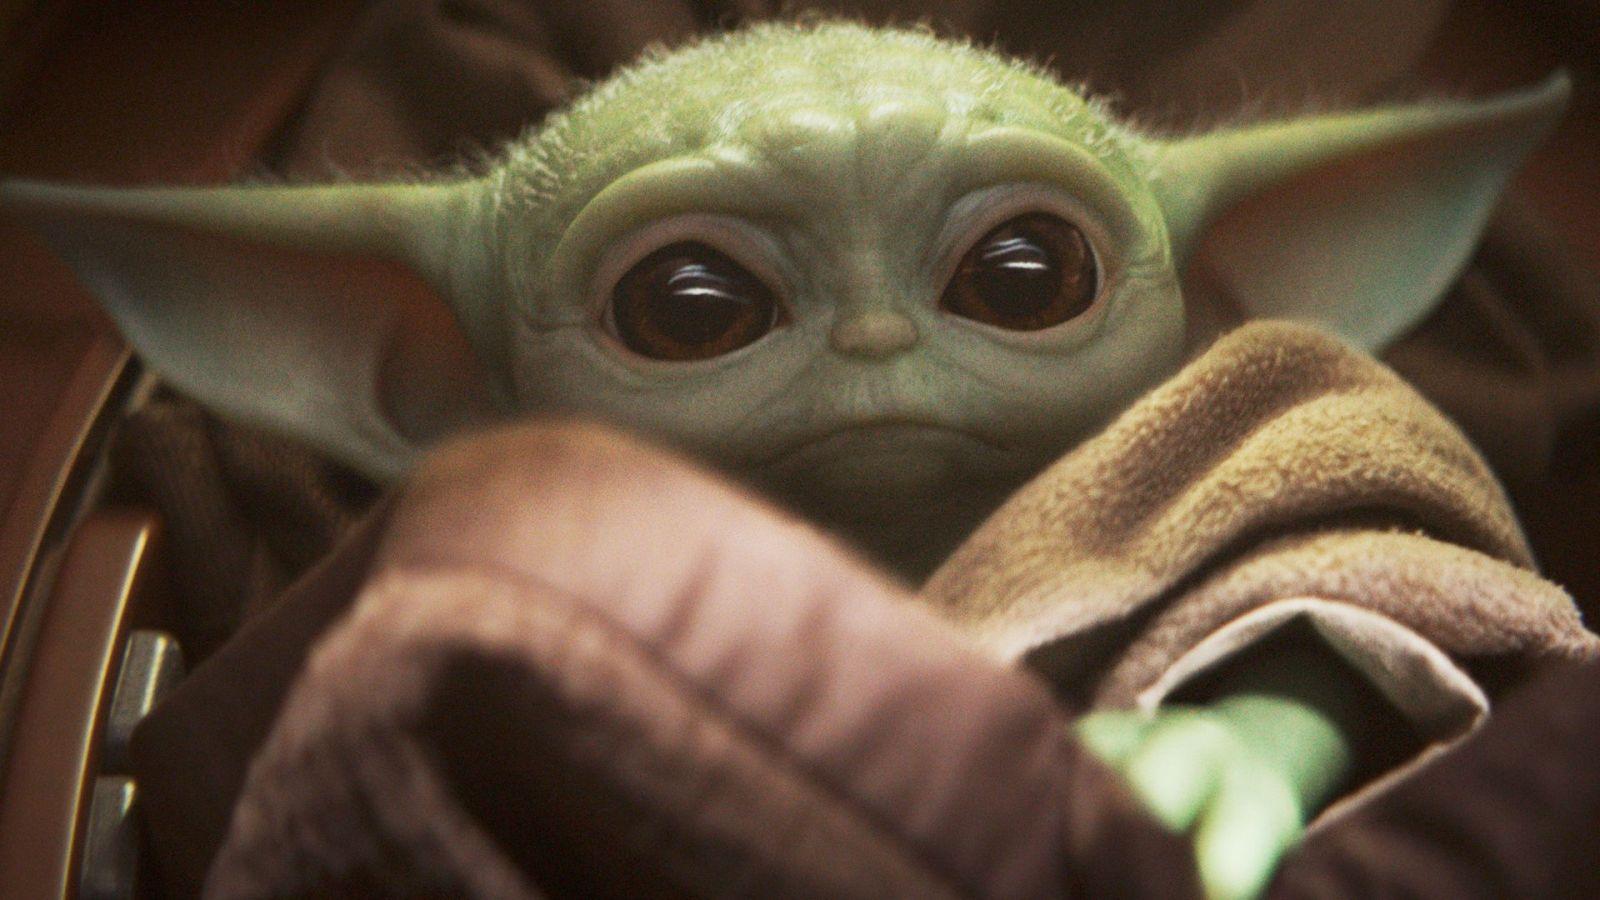 Baby Yoda pobláznil internet. Disney ho začína tlačiť na tričká, hrnčeký a ďalší merch